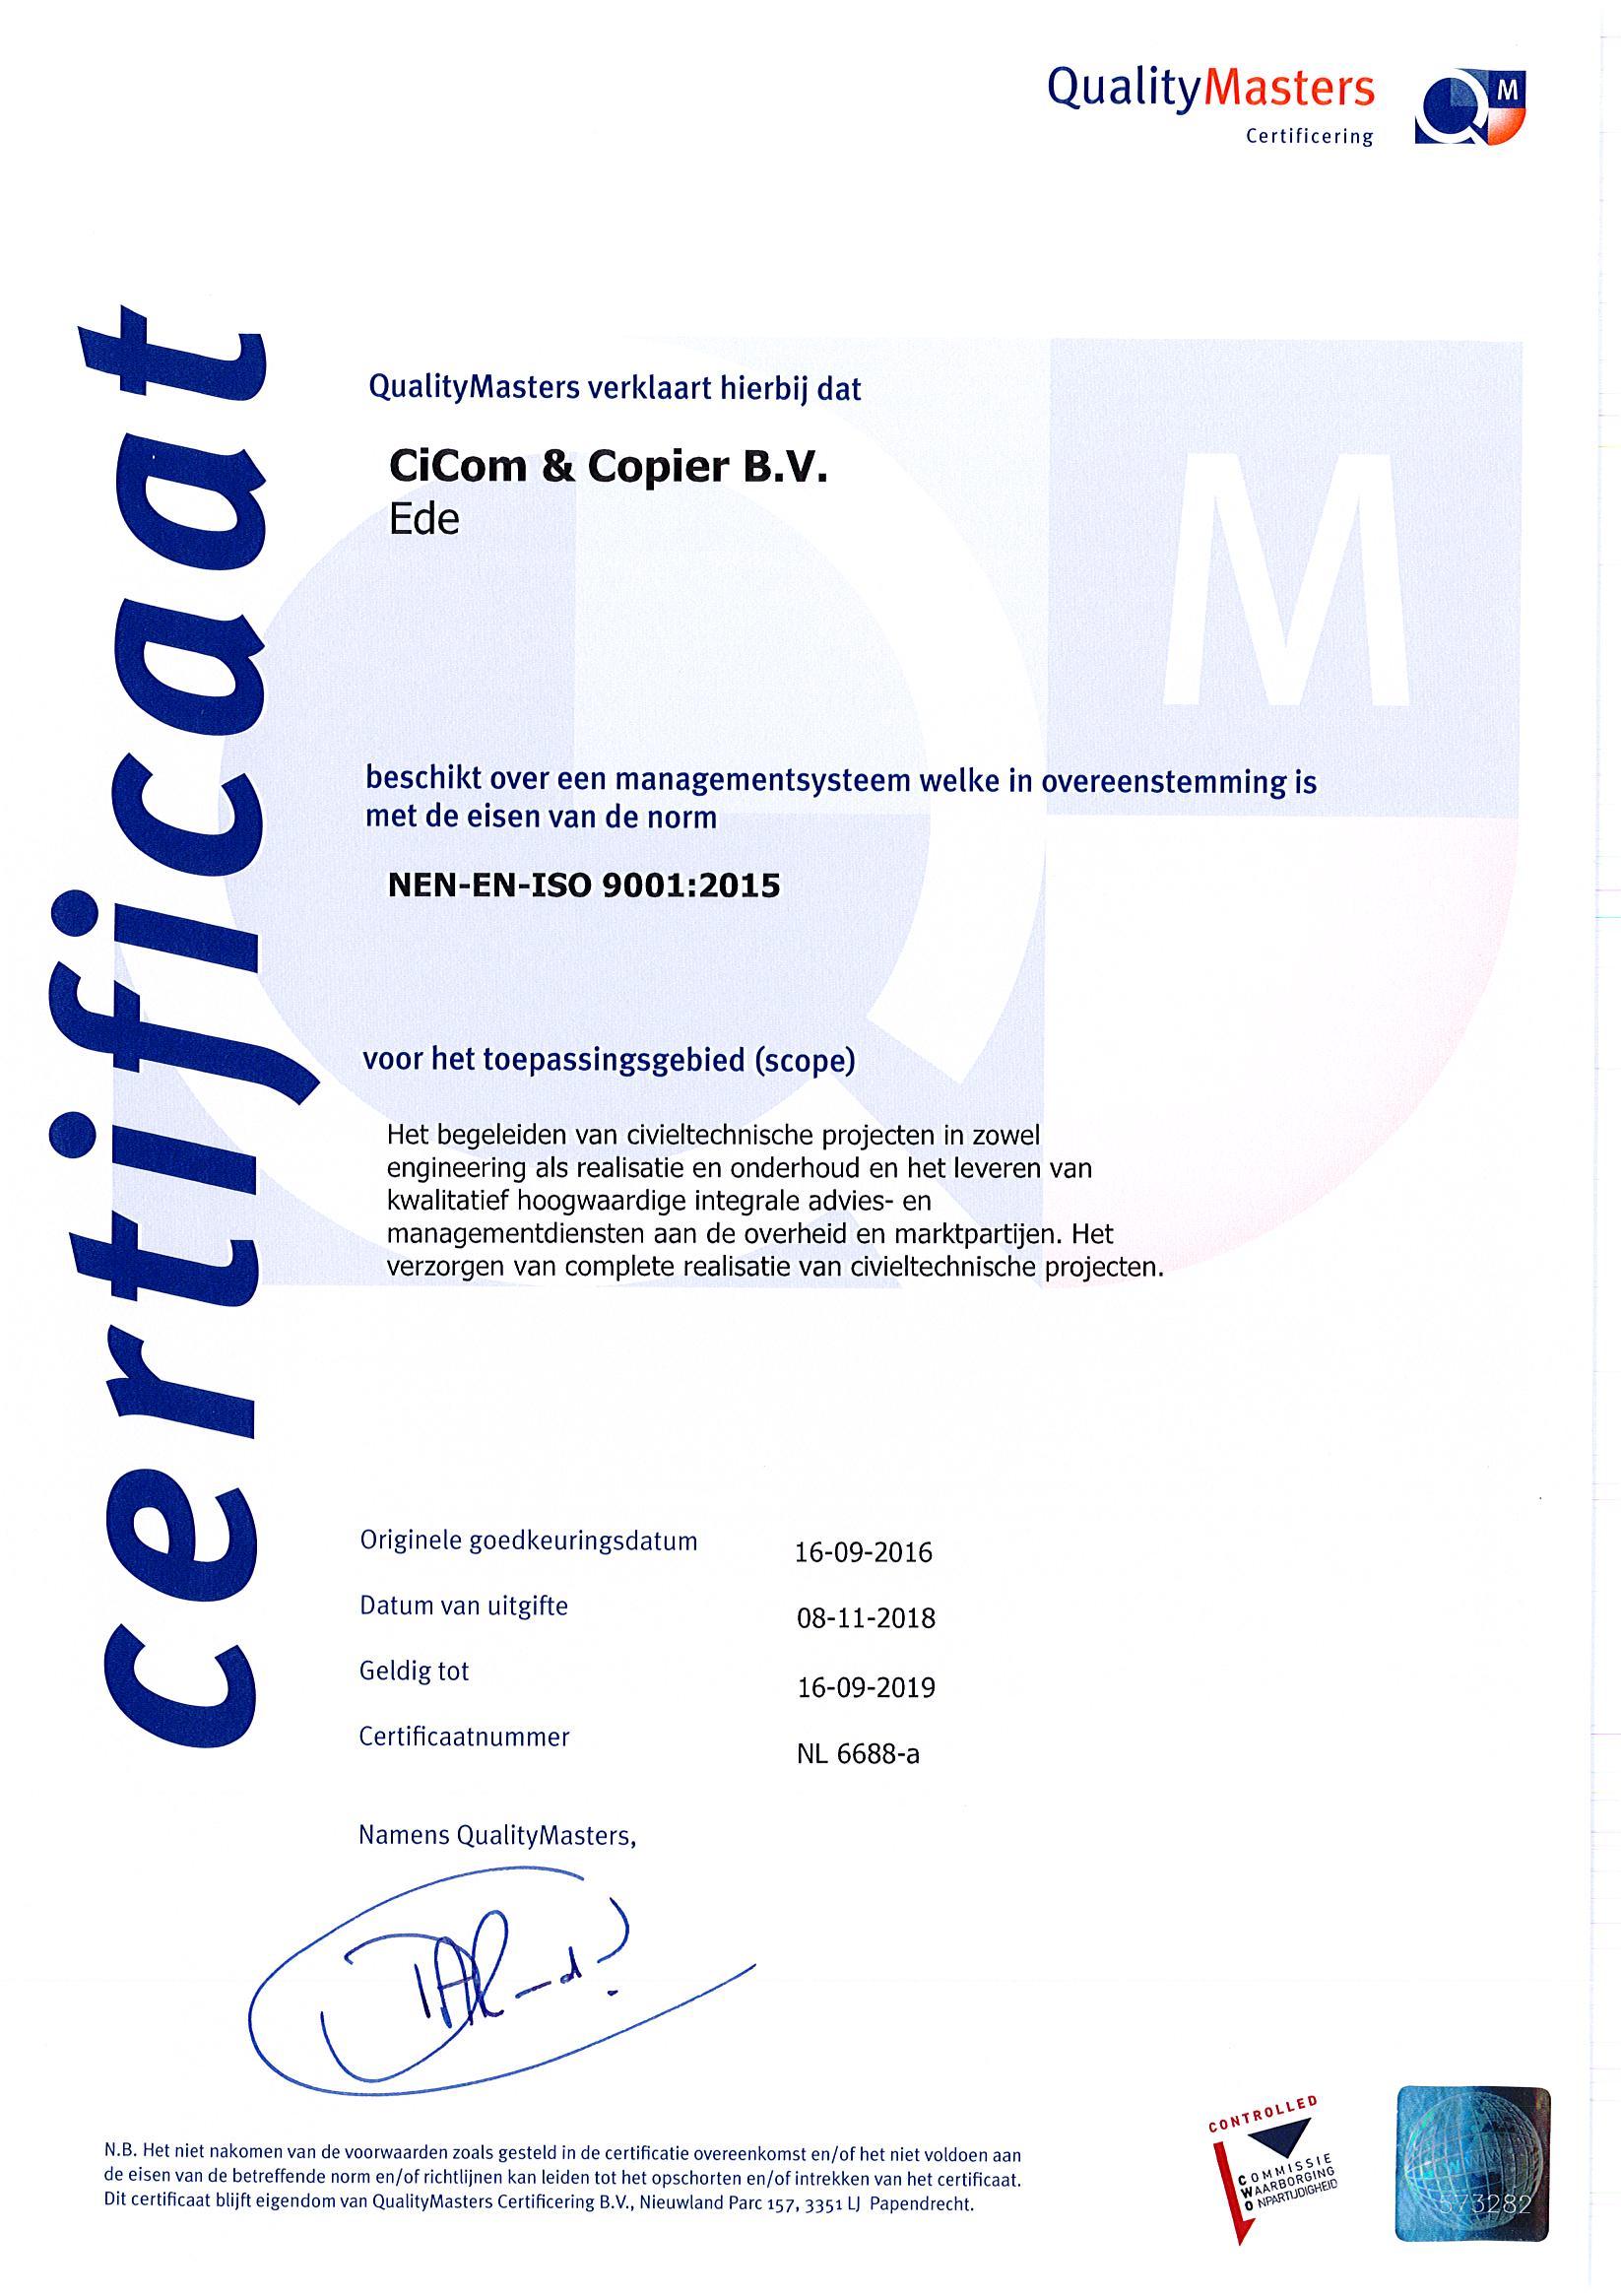 2018-11-08aangepastcertificaatiso9001cicomcopierbvnl6688-a